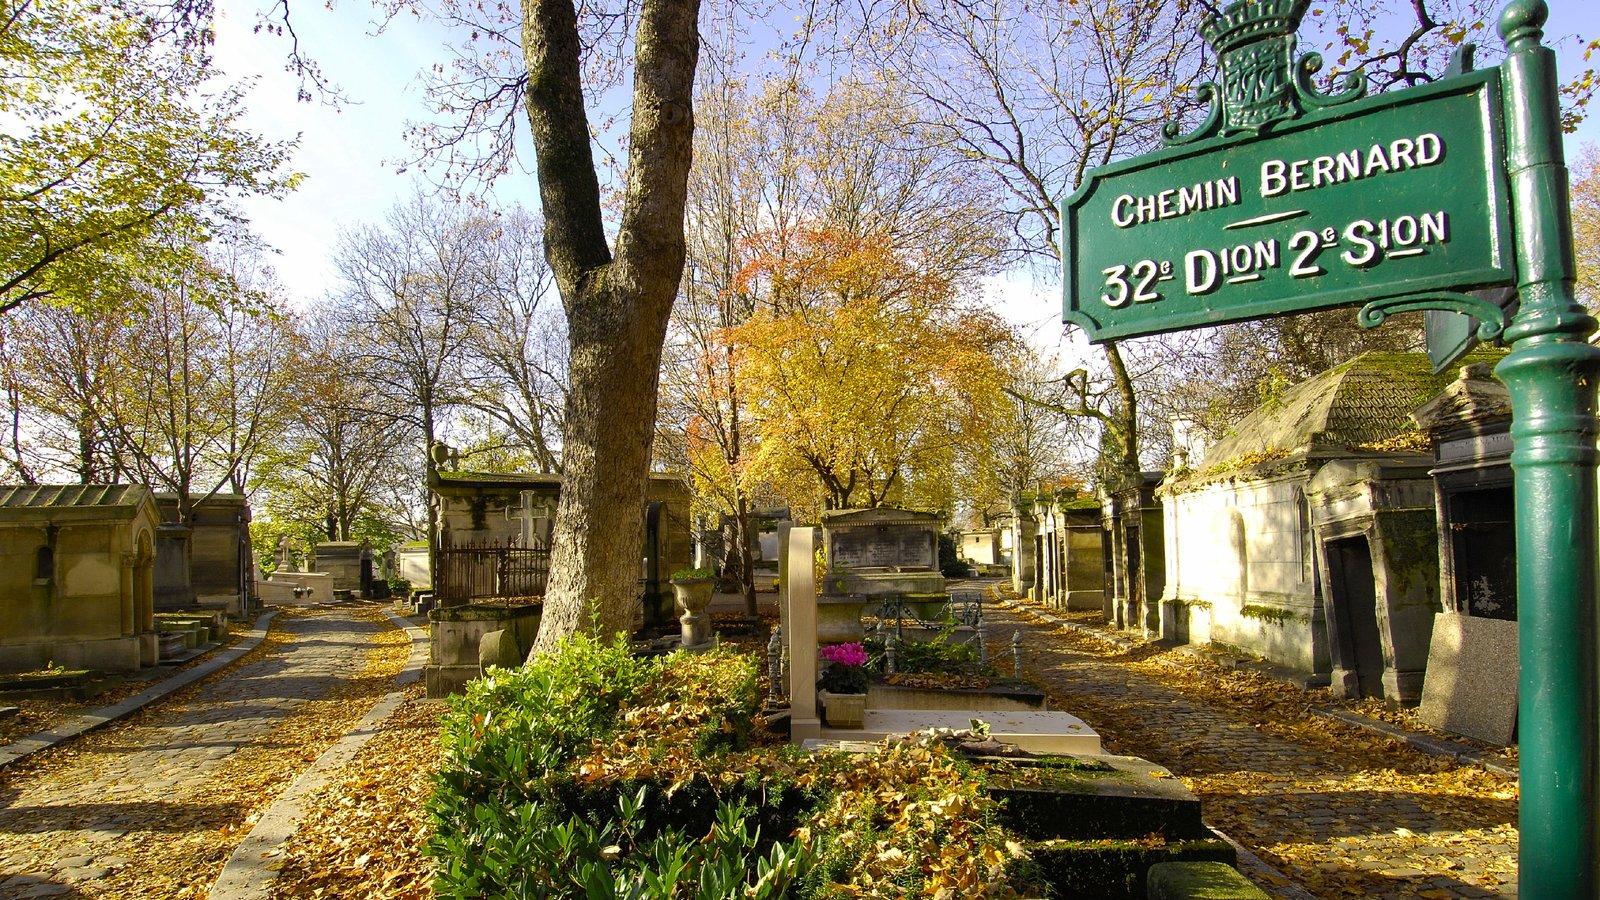 Paris que inclui paisagem, sinalização e um jardim